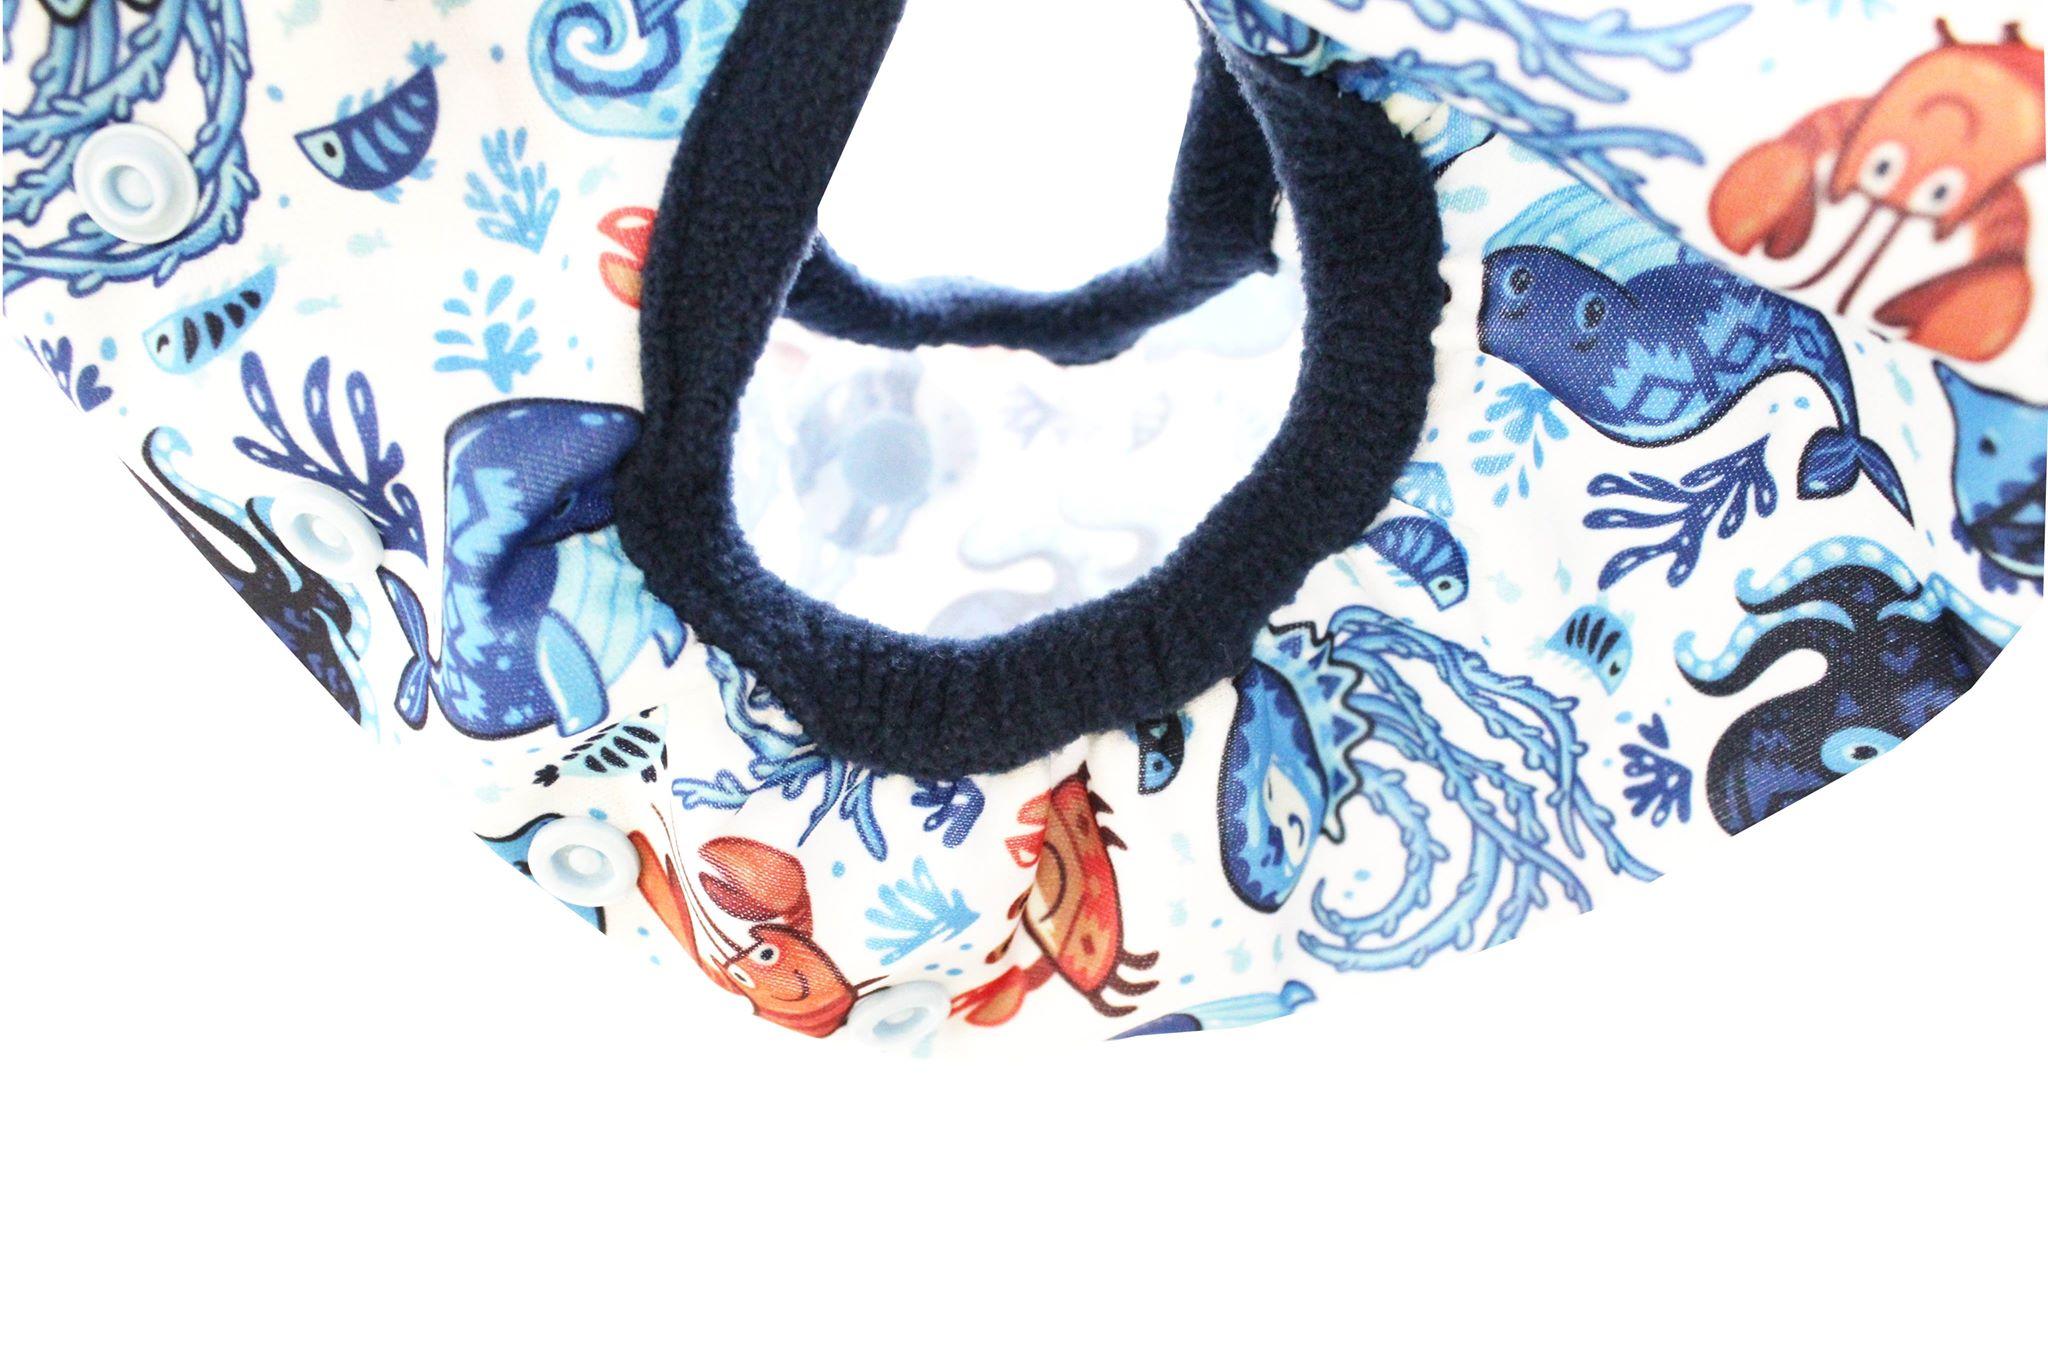 Svrchní kalhotky z PULu - Lemované fleecem, XL, na patentky, bez křidélek